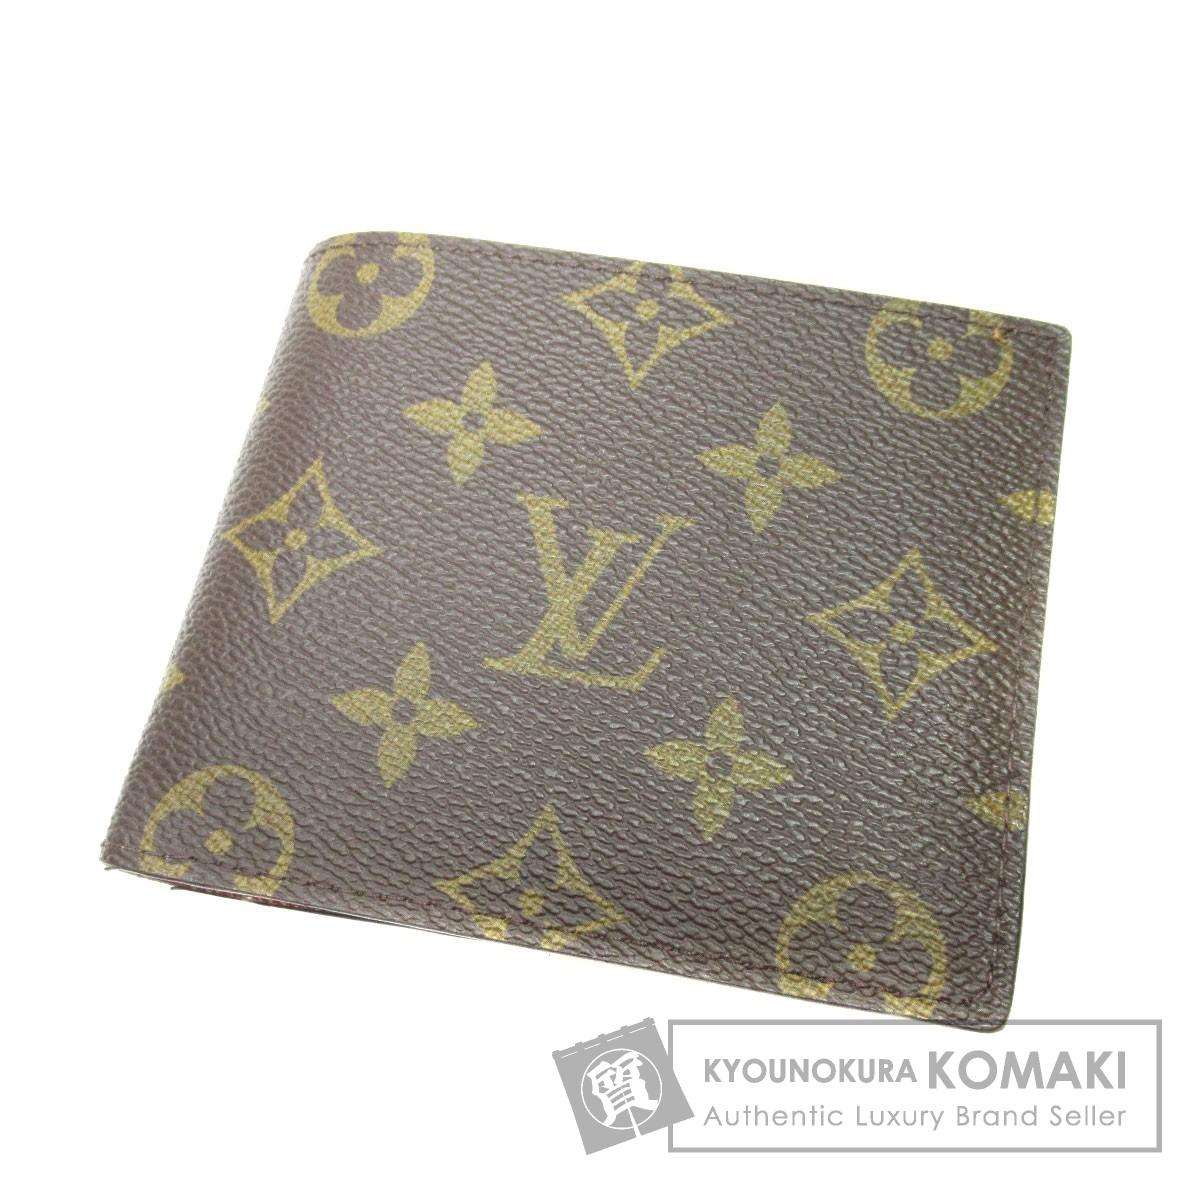 LOUIS VUITTON M61675 ポルトフォイユ・マルコ 二つ折り財布(小銭入れあり) モノグラムキャンバス メンズ 【中古】【ルイ・ヴィトン】